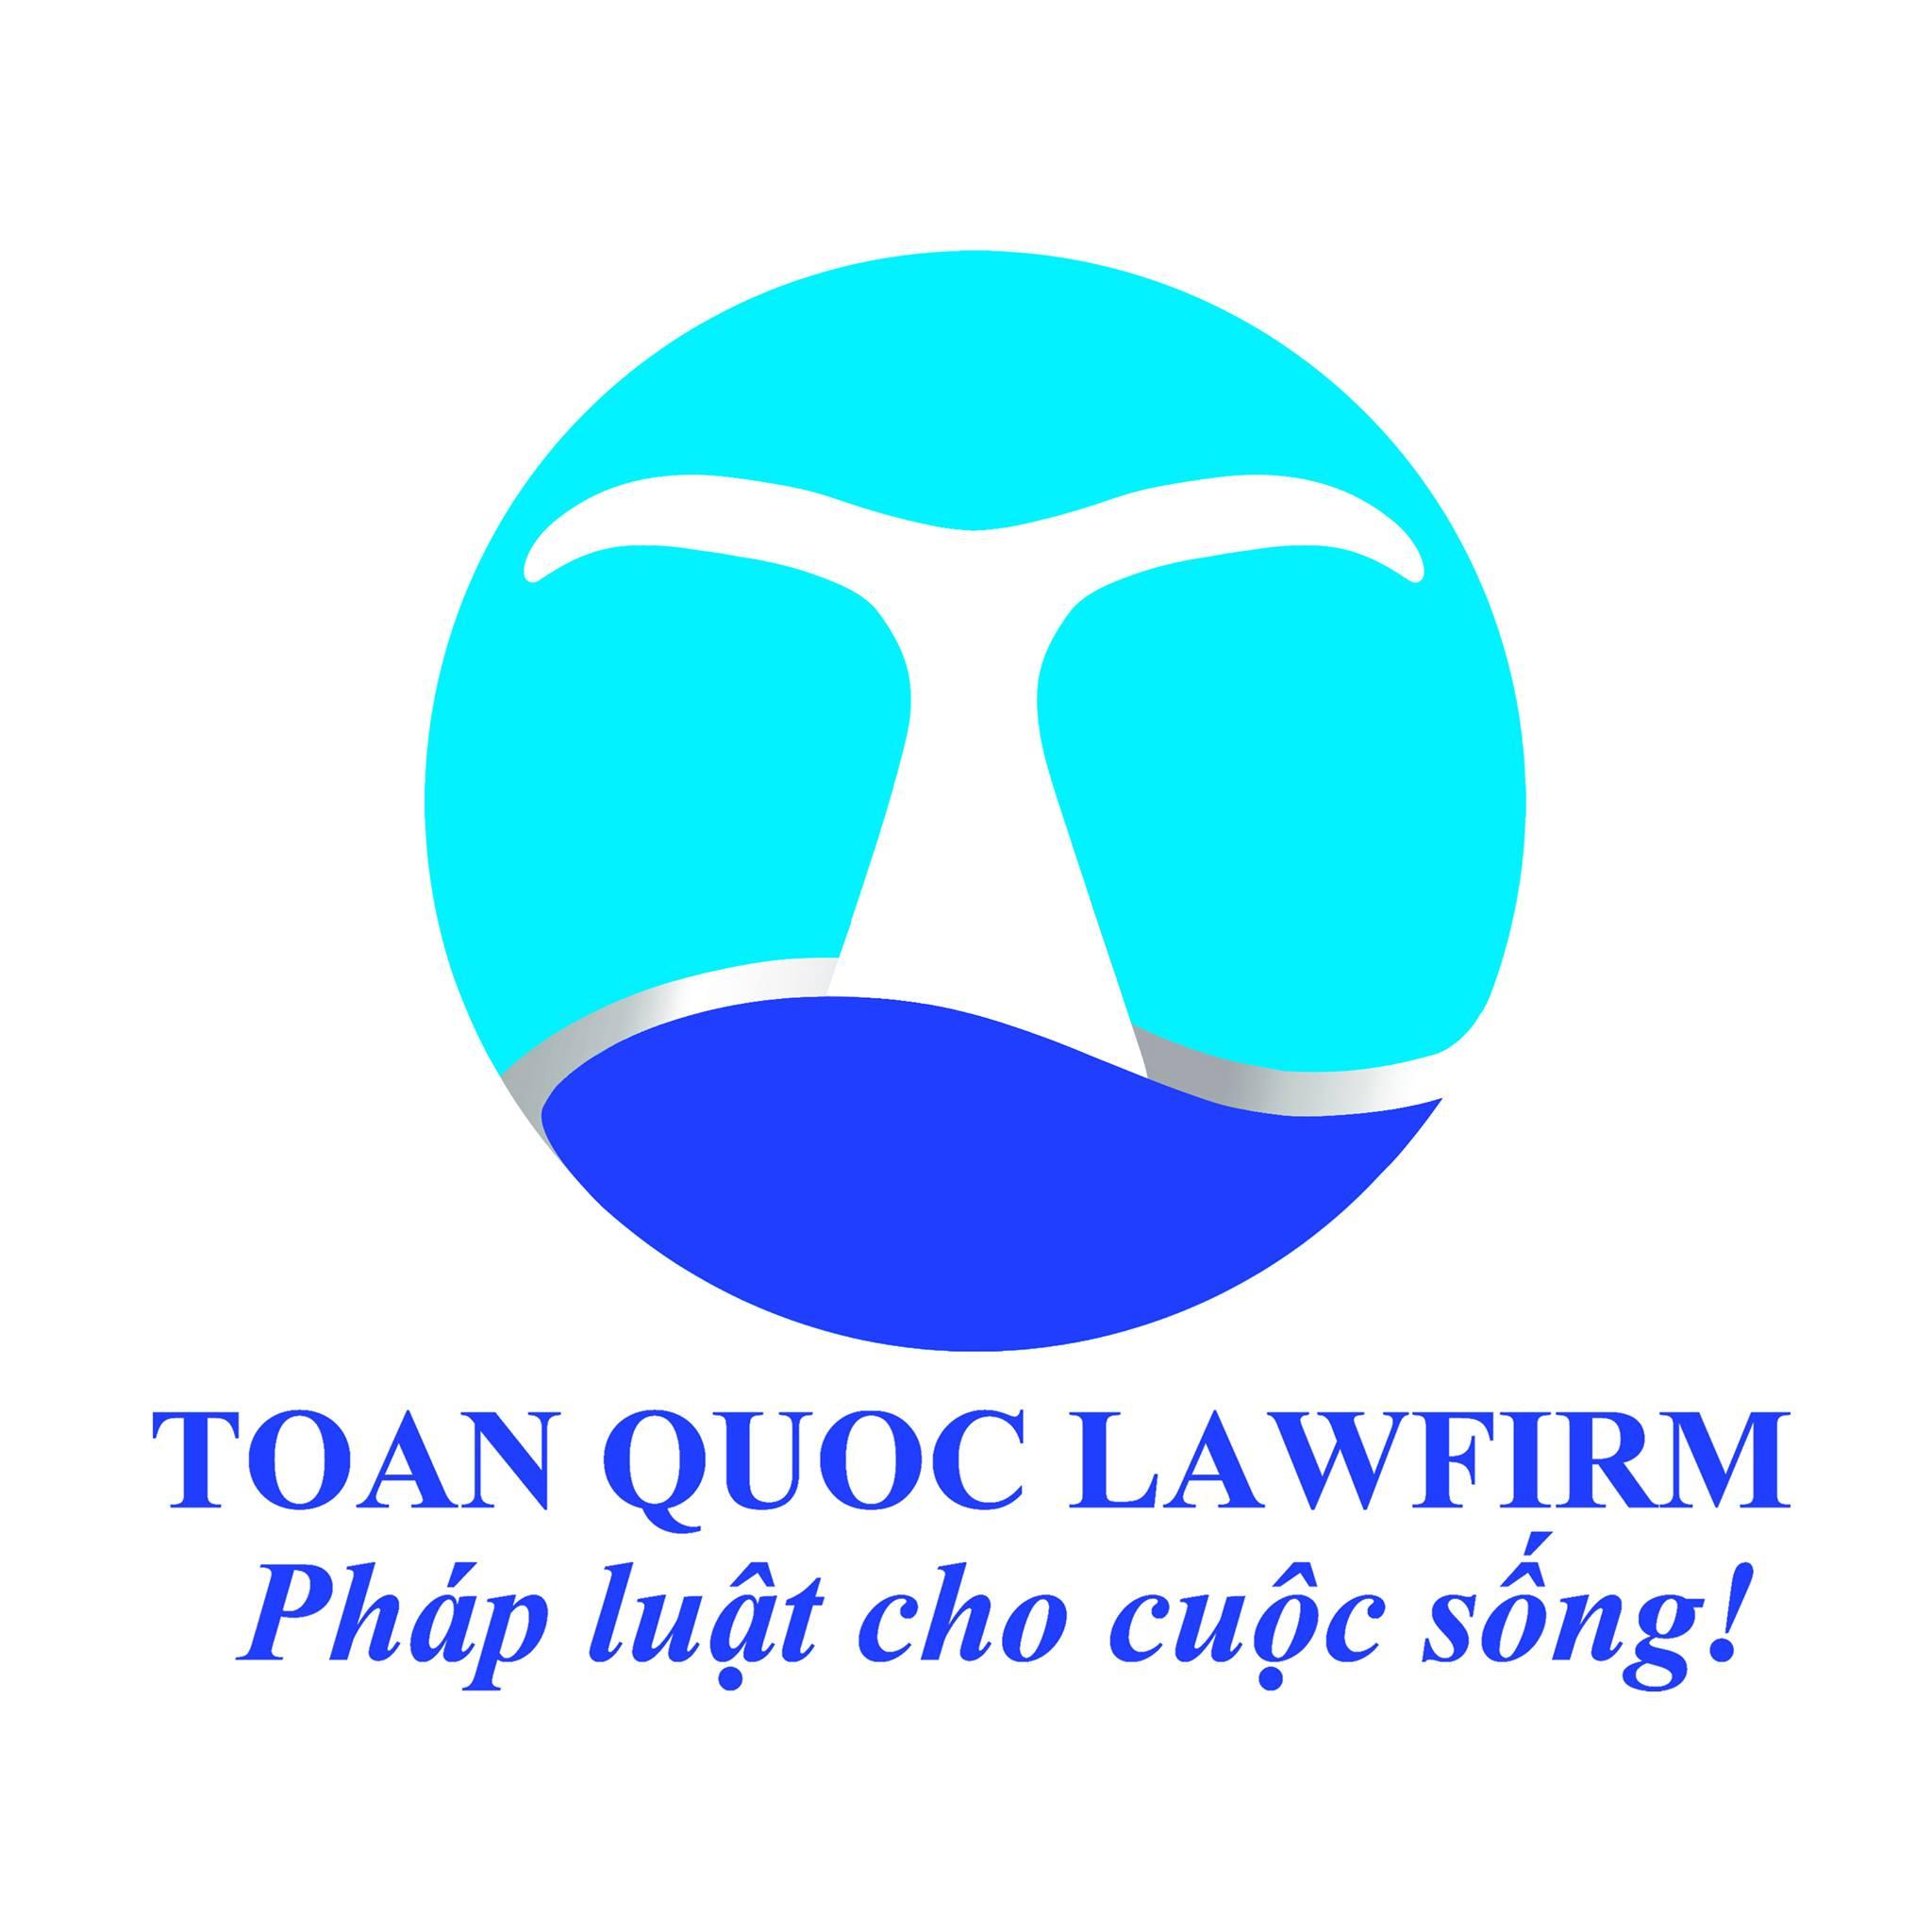 Văn phòng luật sư tư vấn luật tại Kon Tum